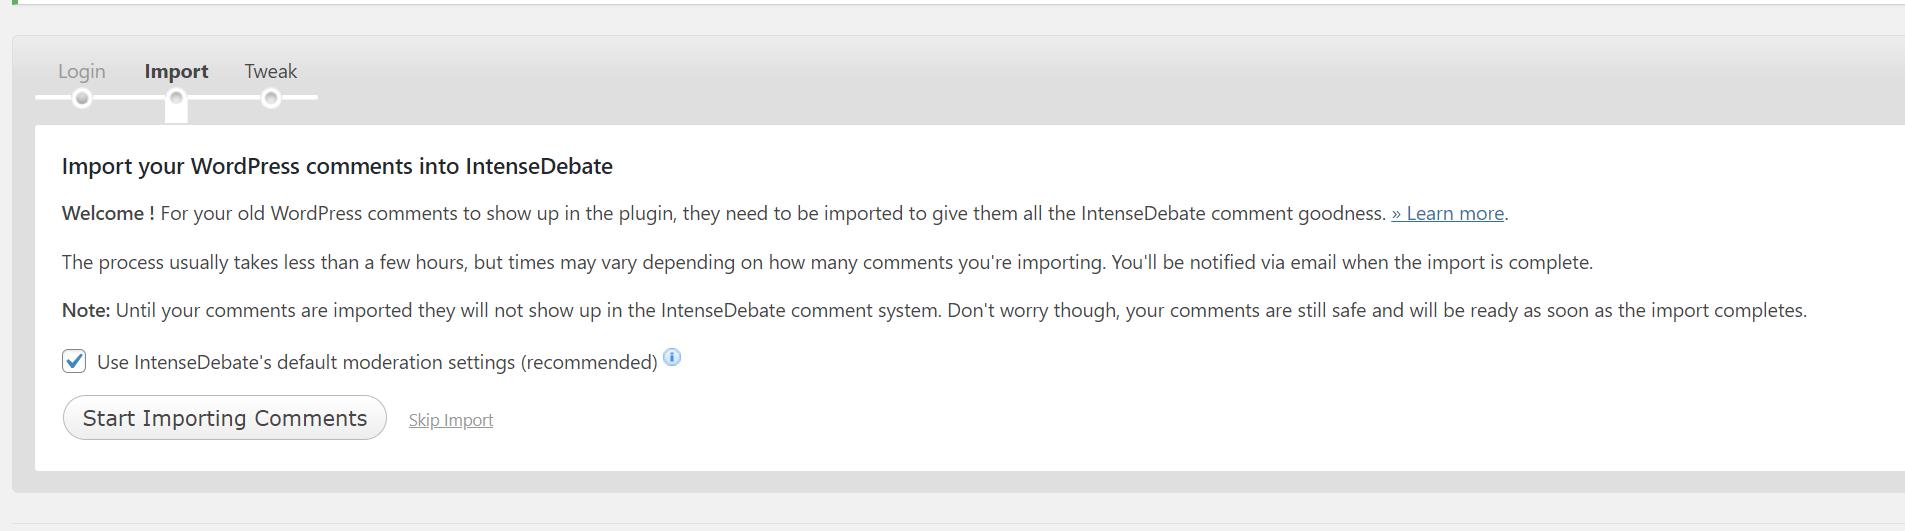 импортируем существующие комментарии